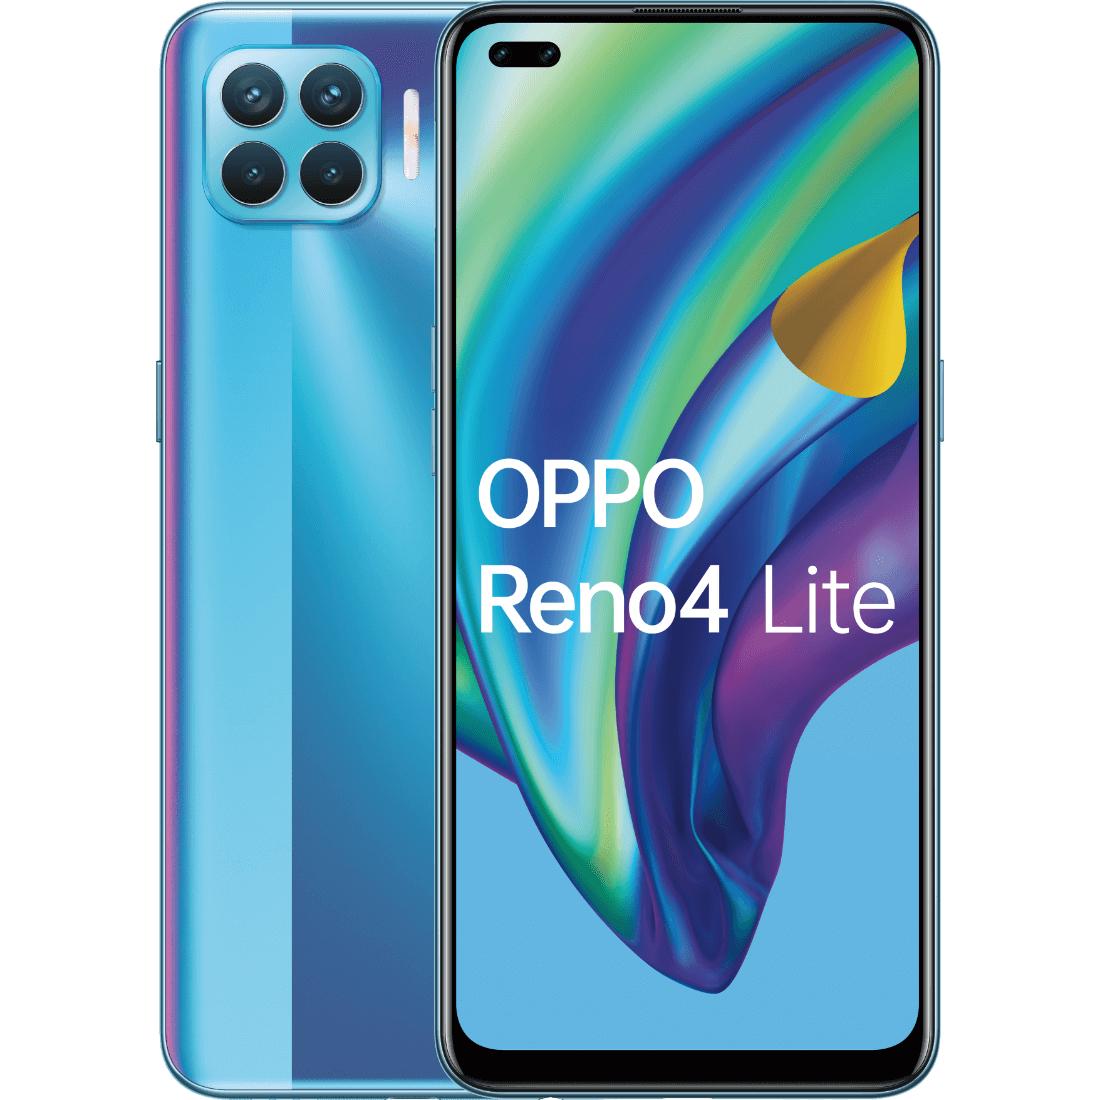 Smartfon OPPO Reno4 Lite 8/128 niebieski, biały i czarny